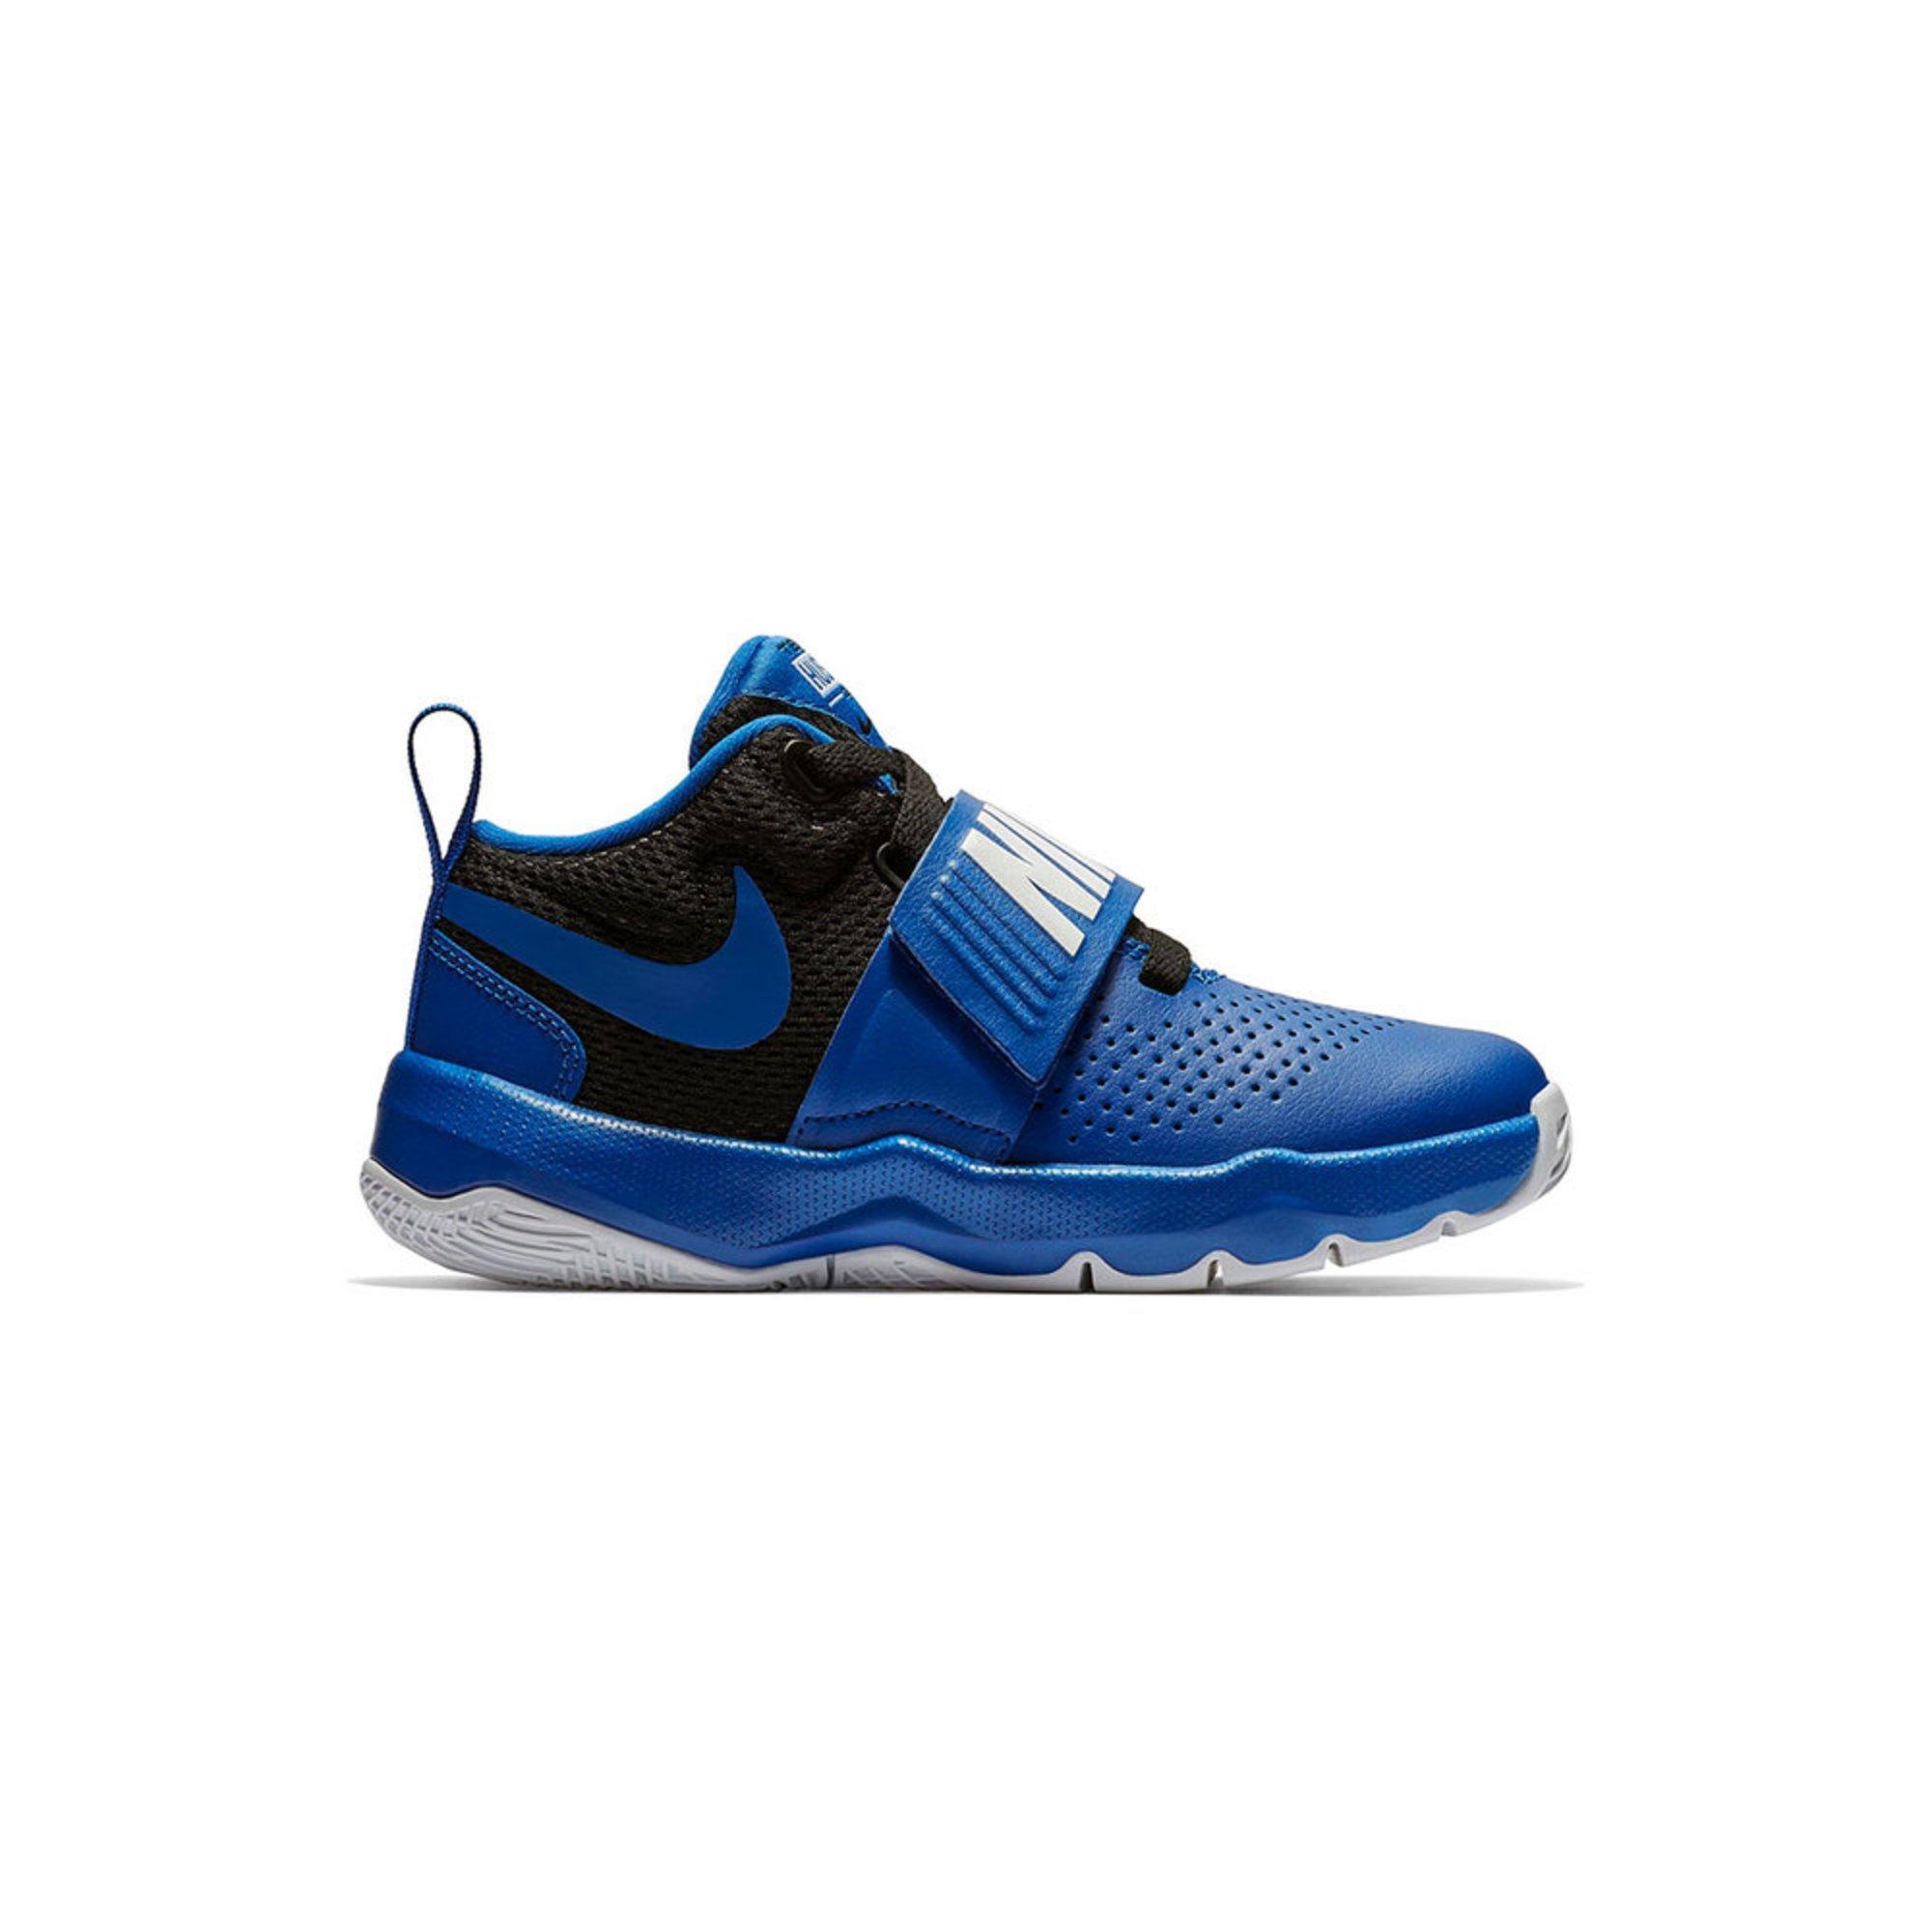 9458cd1c866c Nike Boys Team Hustle D 8 Basketball Shoe (little Kid)